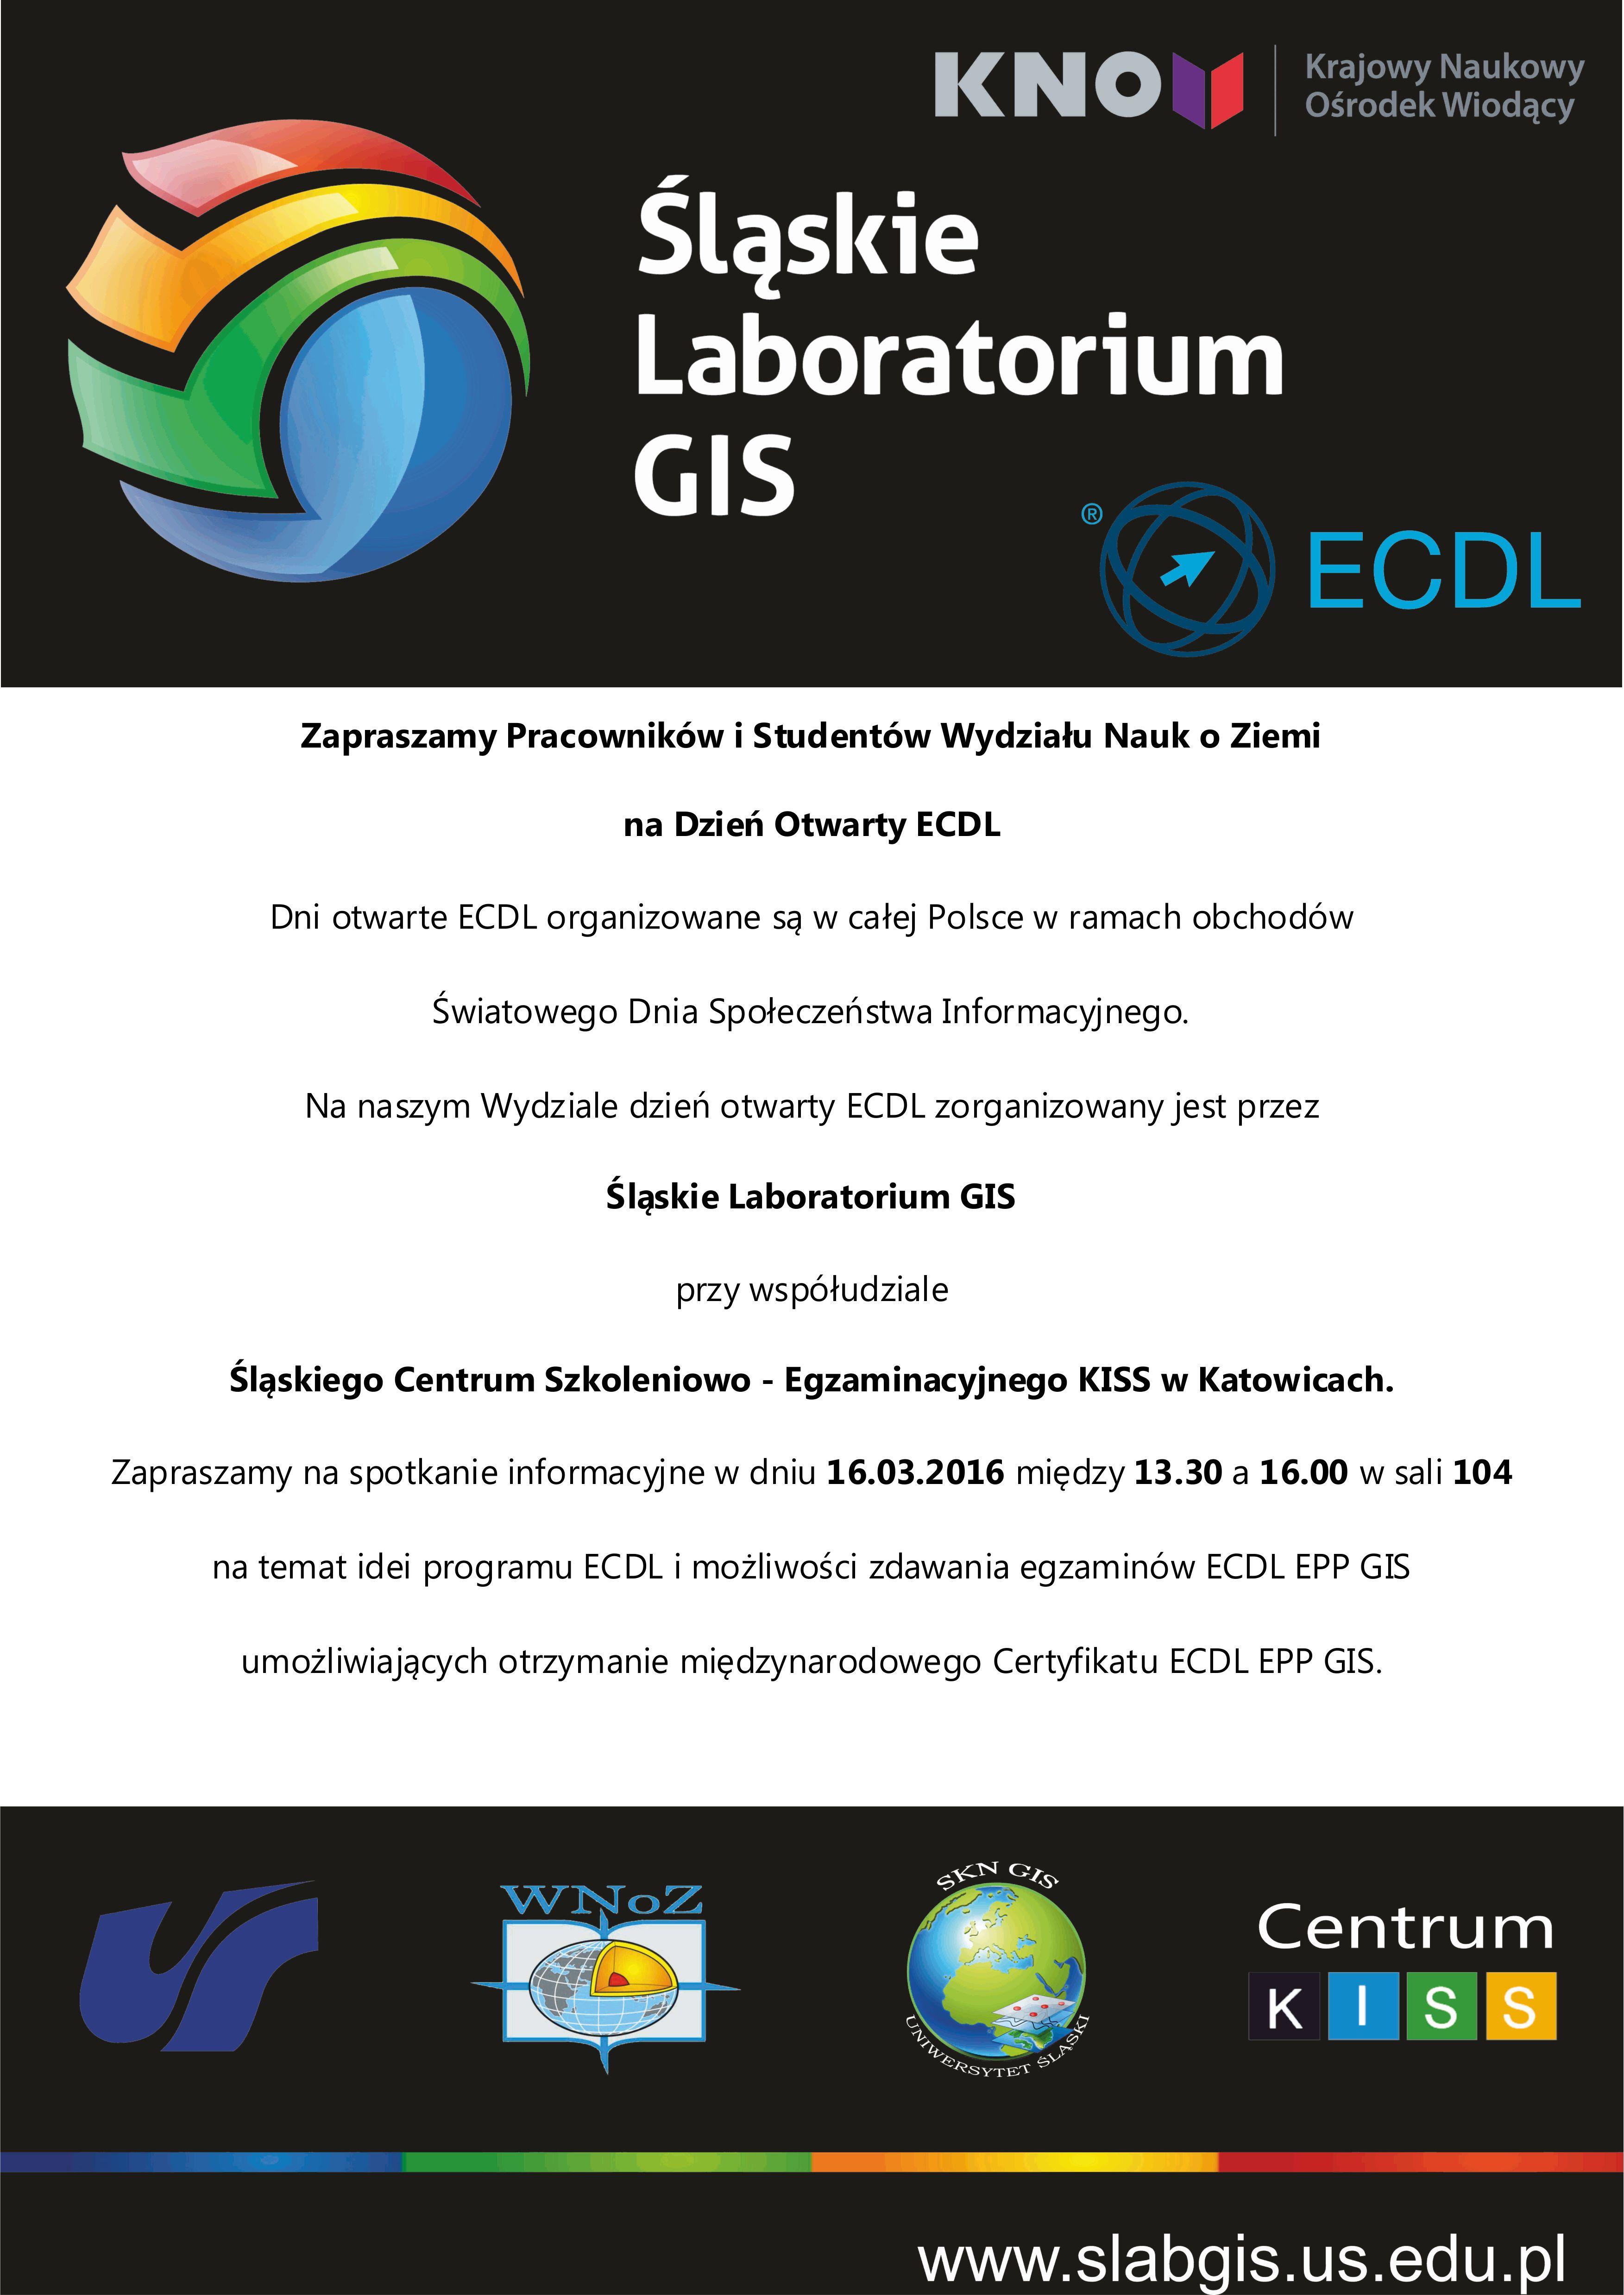 dni otwarte ECDLplakat_bart